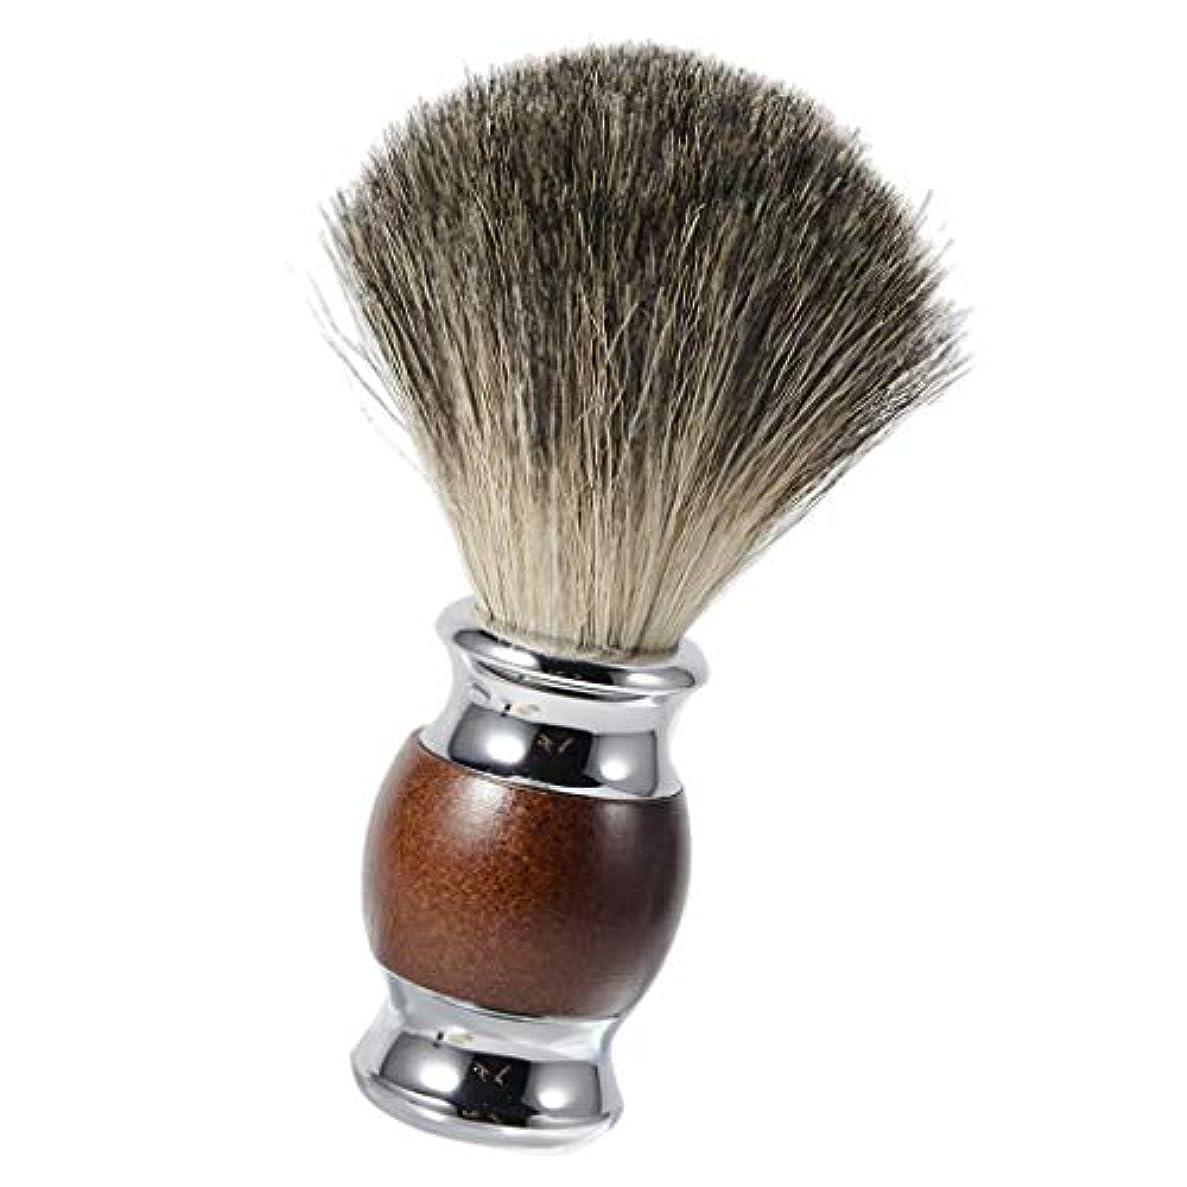 お酢アピール珍味Baoblaze ひげブラシ シェービングブラシ 木製ハンドル 理容 洗顔 髭剃り 泡立ち メンズ用 友人にプレゼント